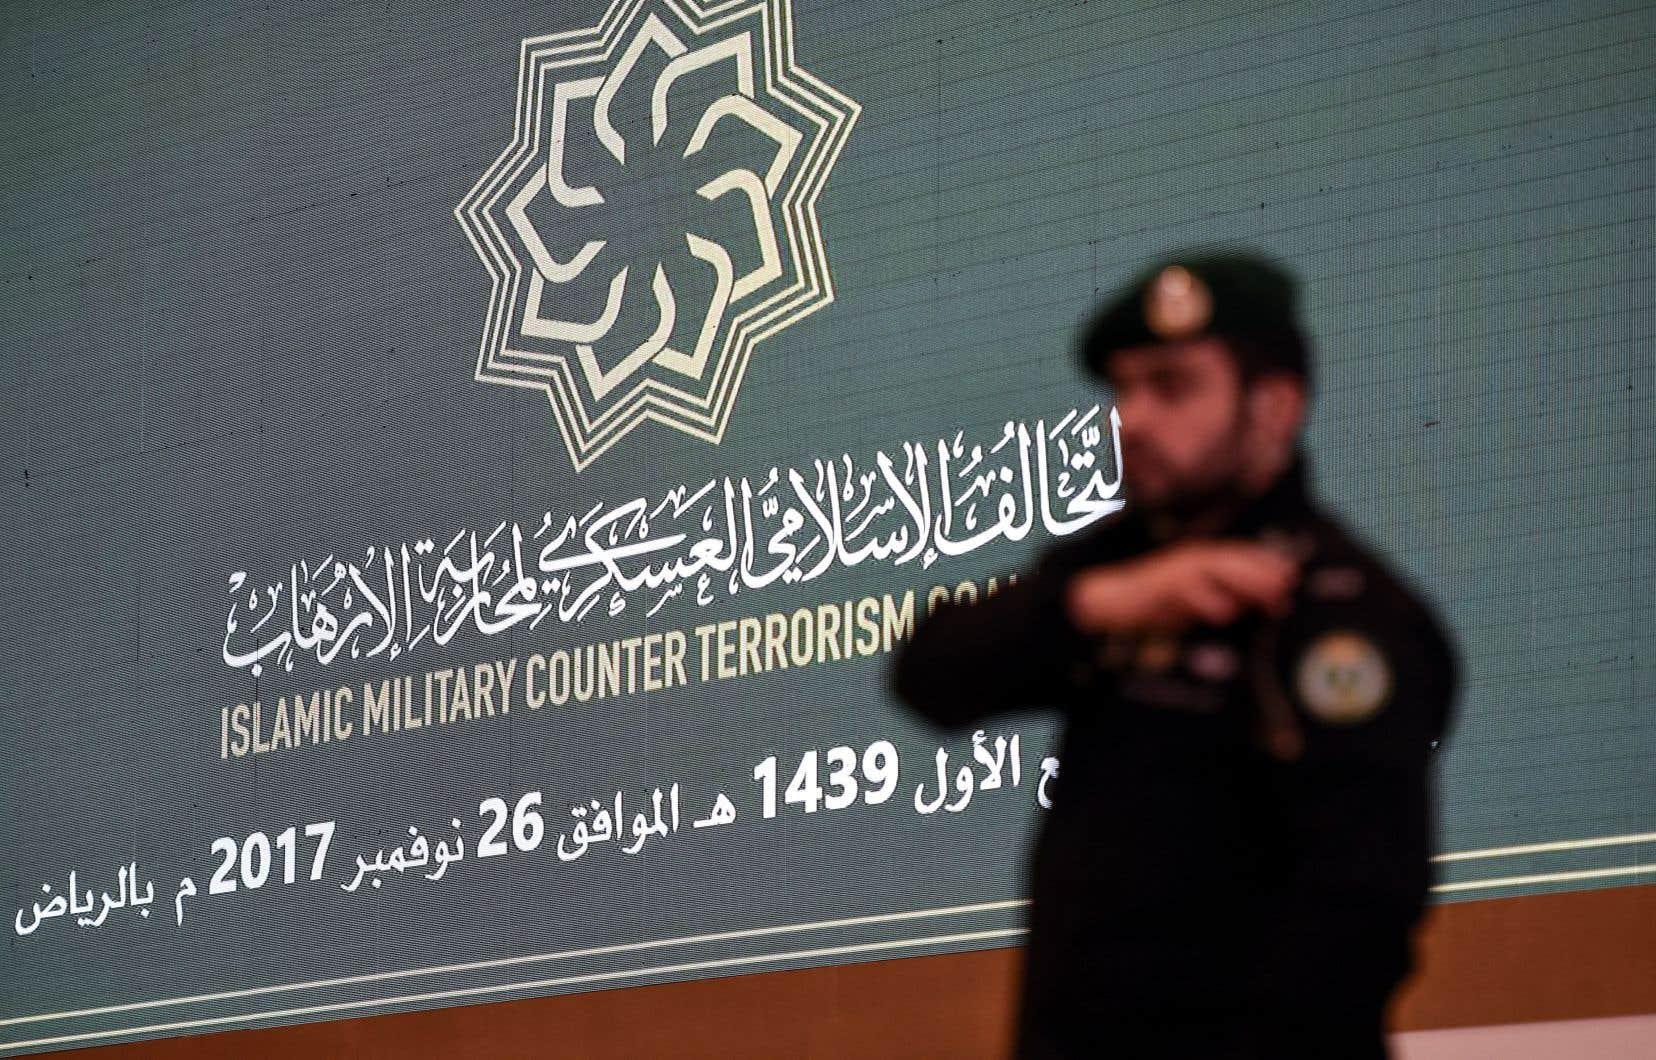 Le lancement de la coalition de pays musulmans intervient en période de tension entre l'Iran et l'Arabie saoudite.